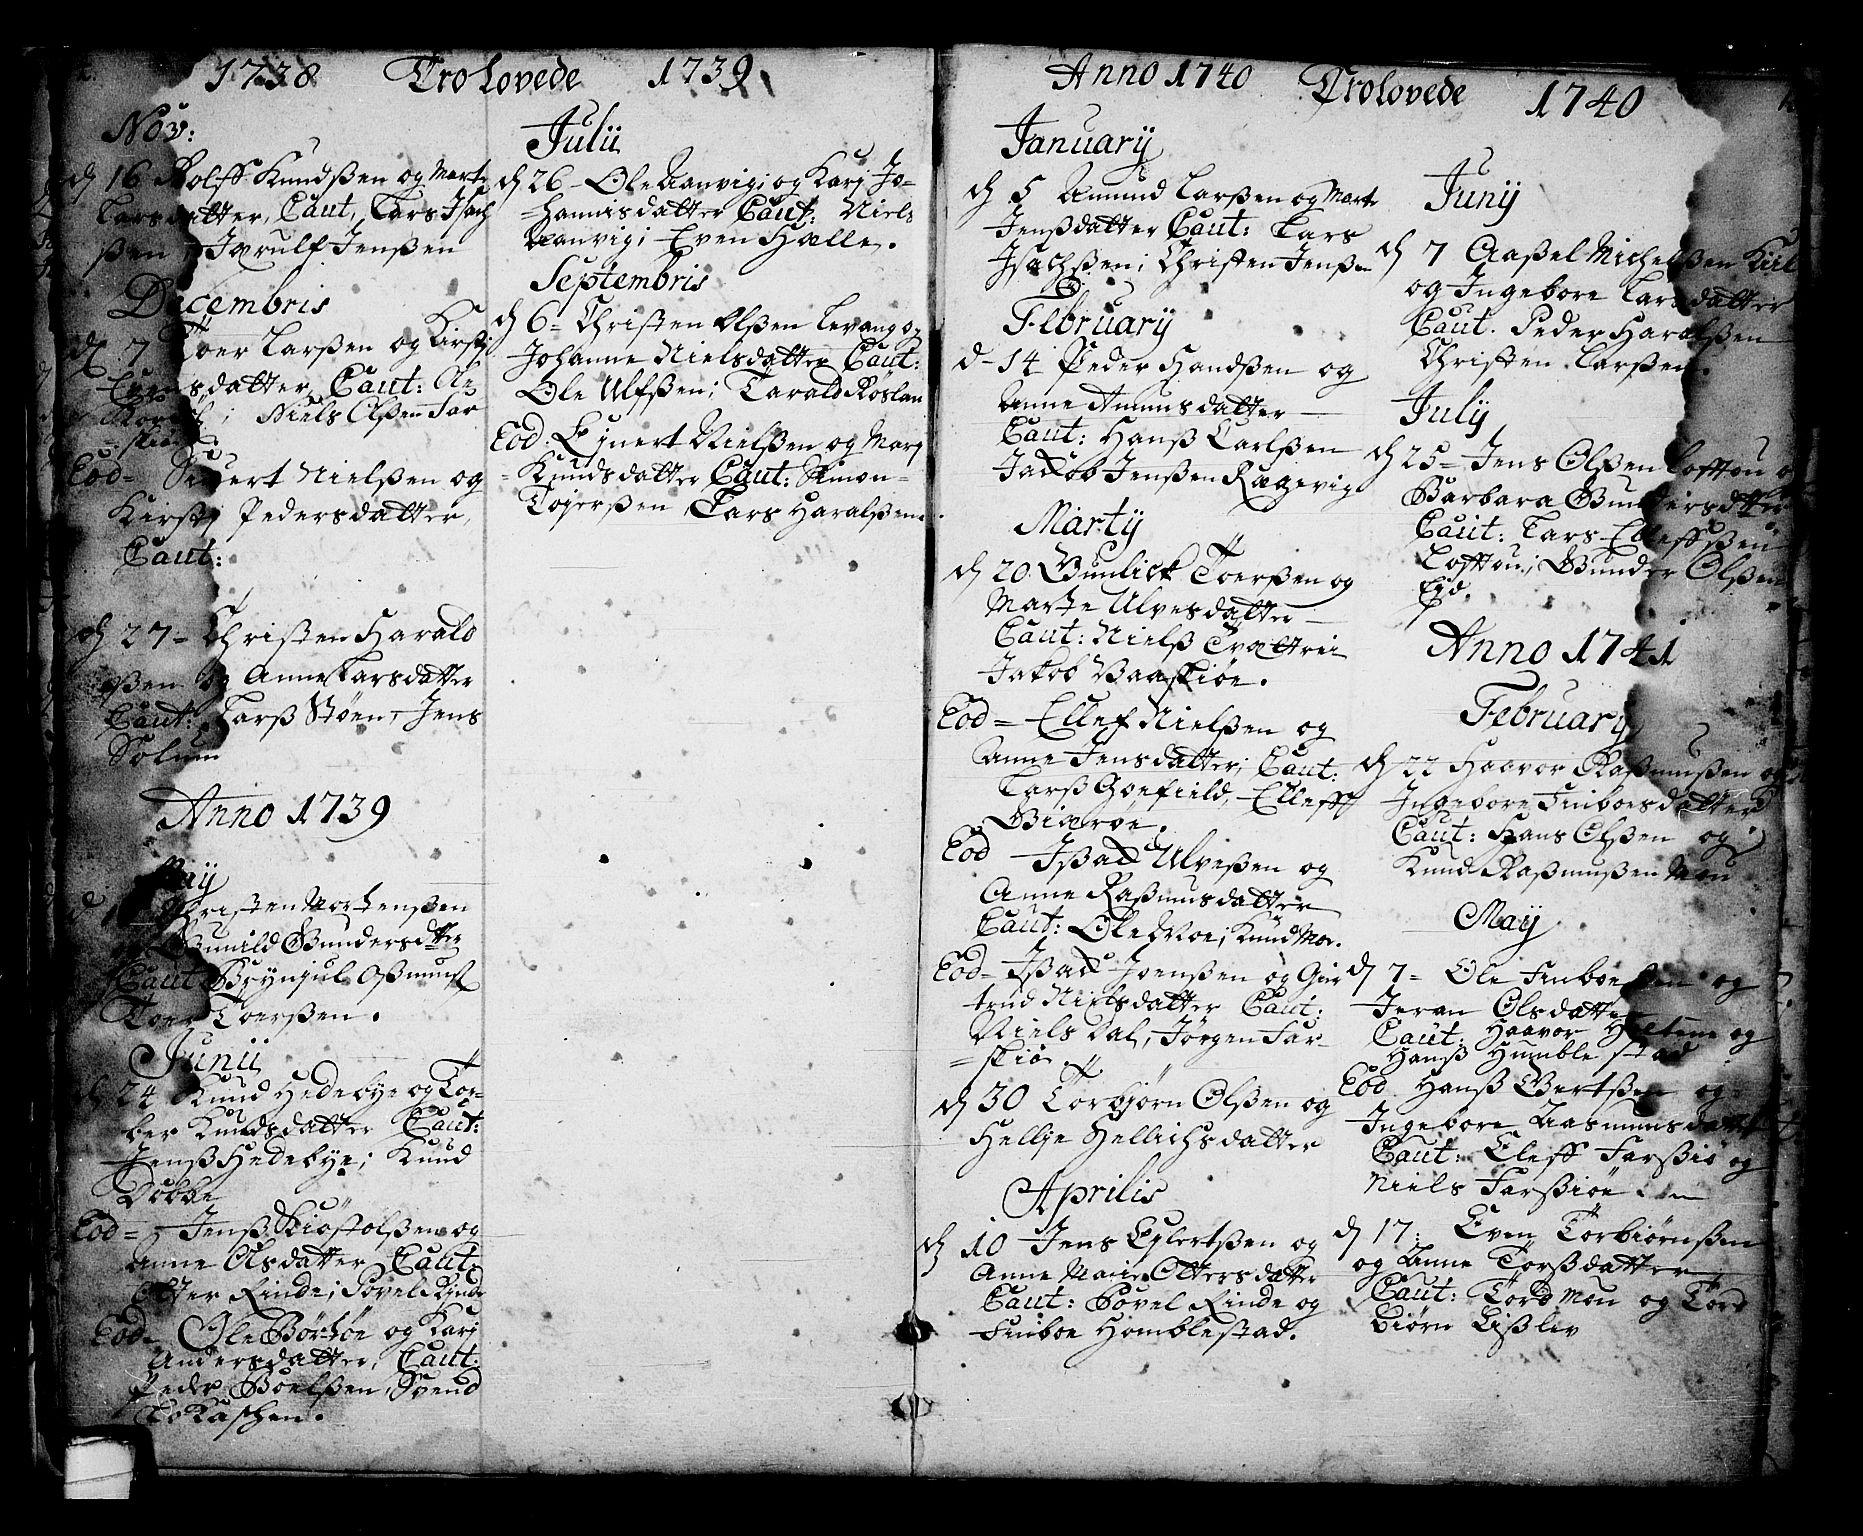 SAKO, Sannidal kirkebøker, F/Fa/L0001: Ministerialbok nr. 1, 1702-1766, s. 14-15